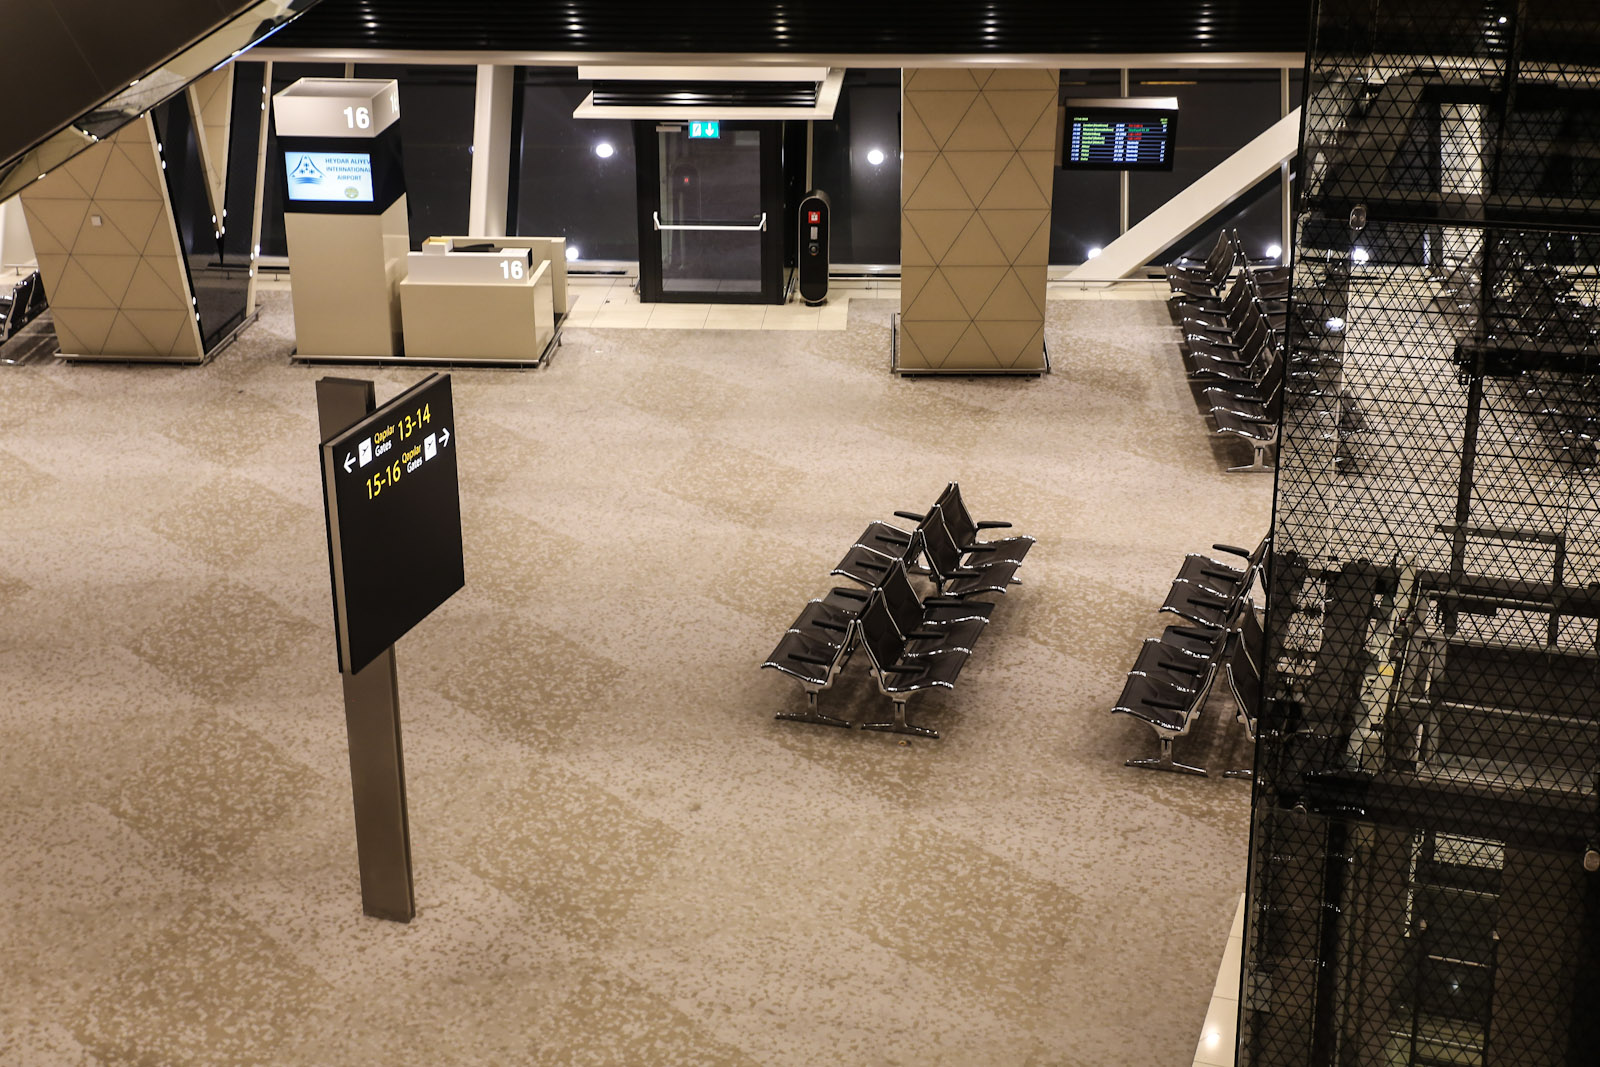 Выход на посадку в терминале 1 аэропорта Баку